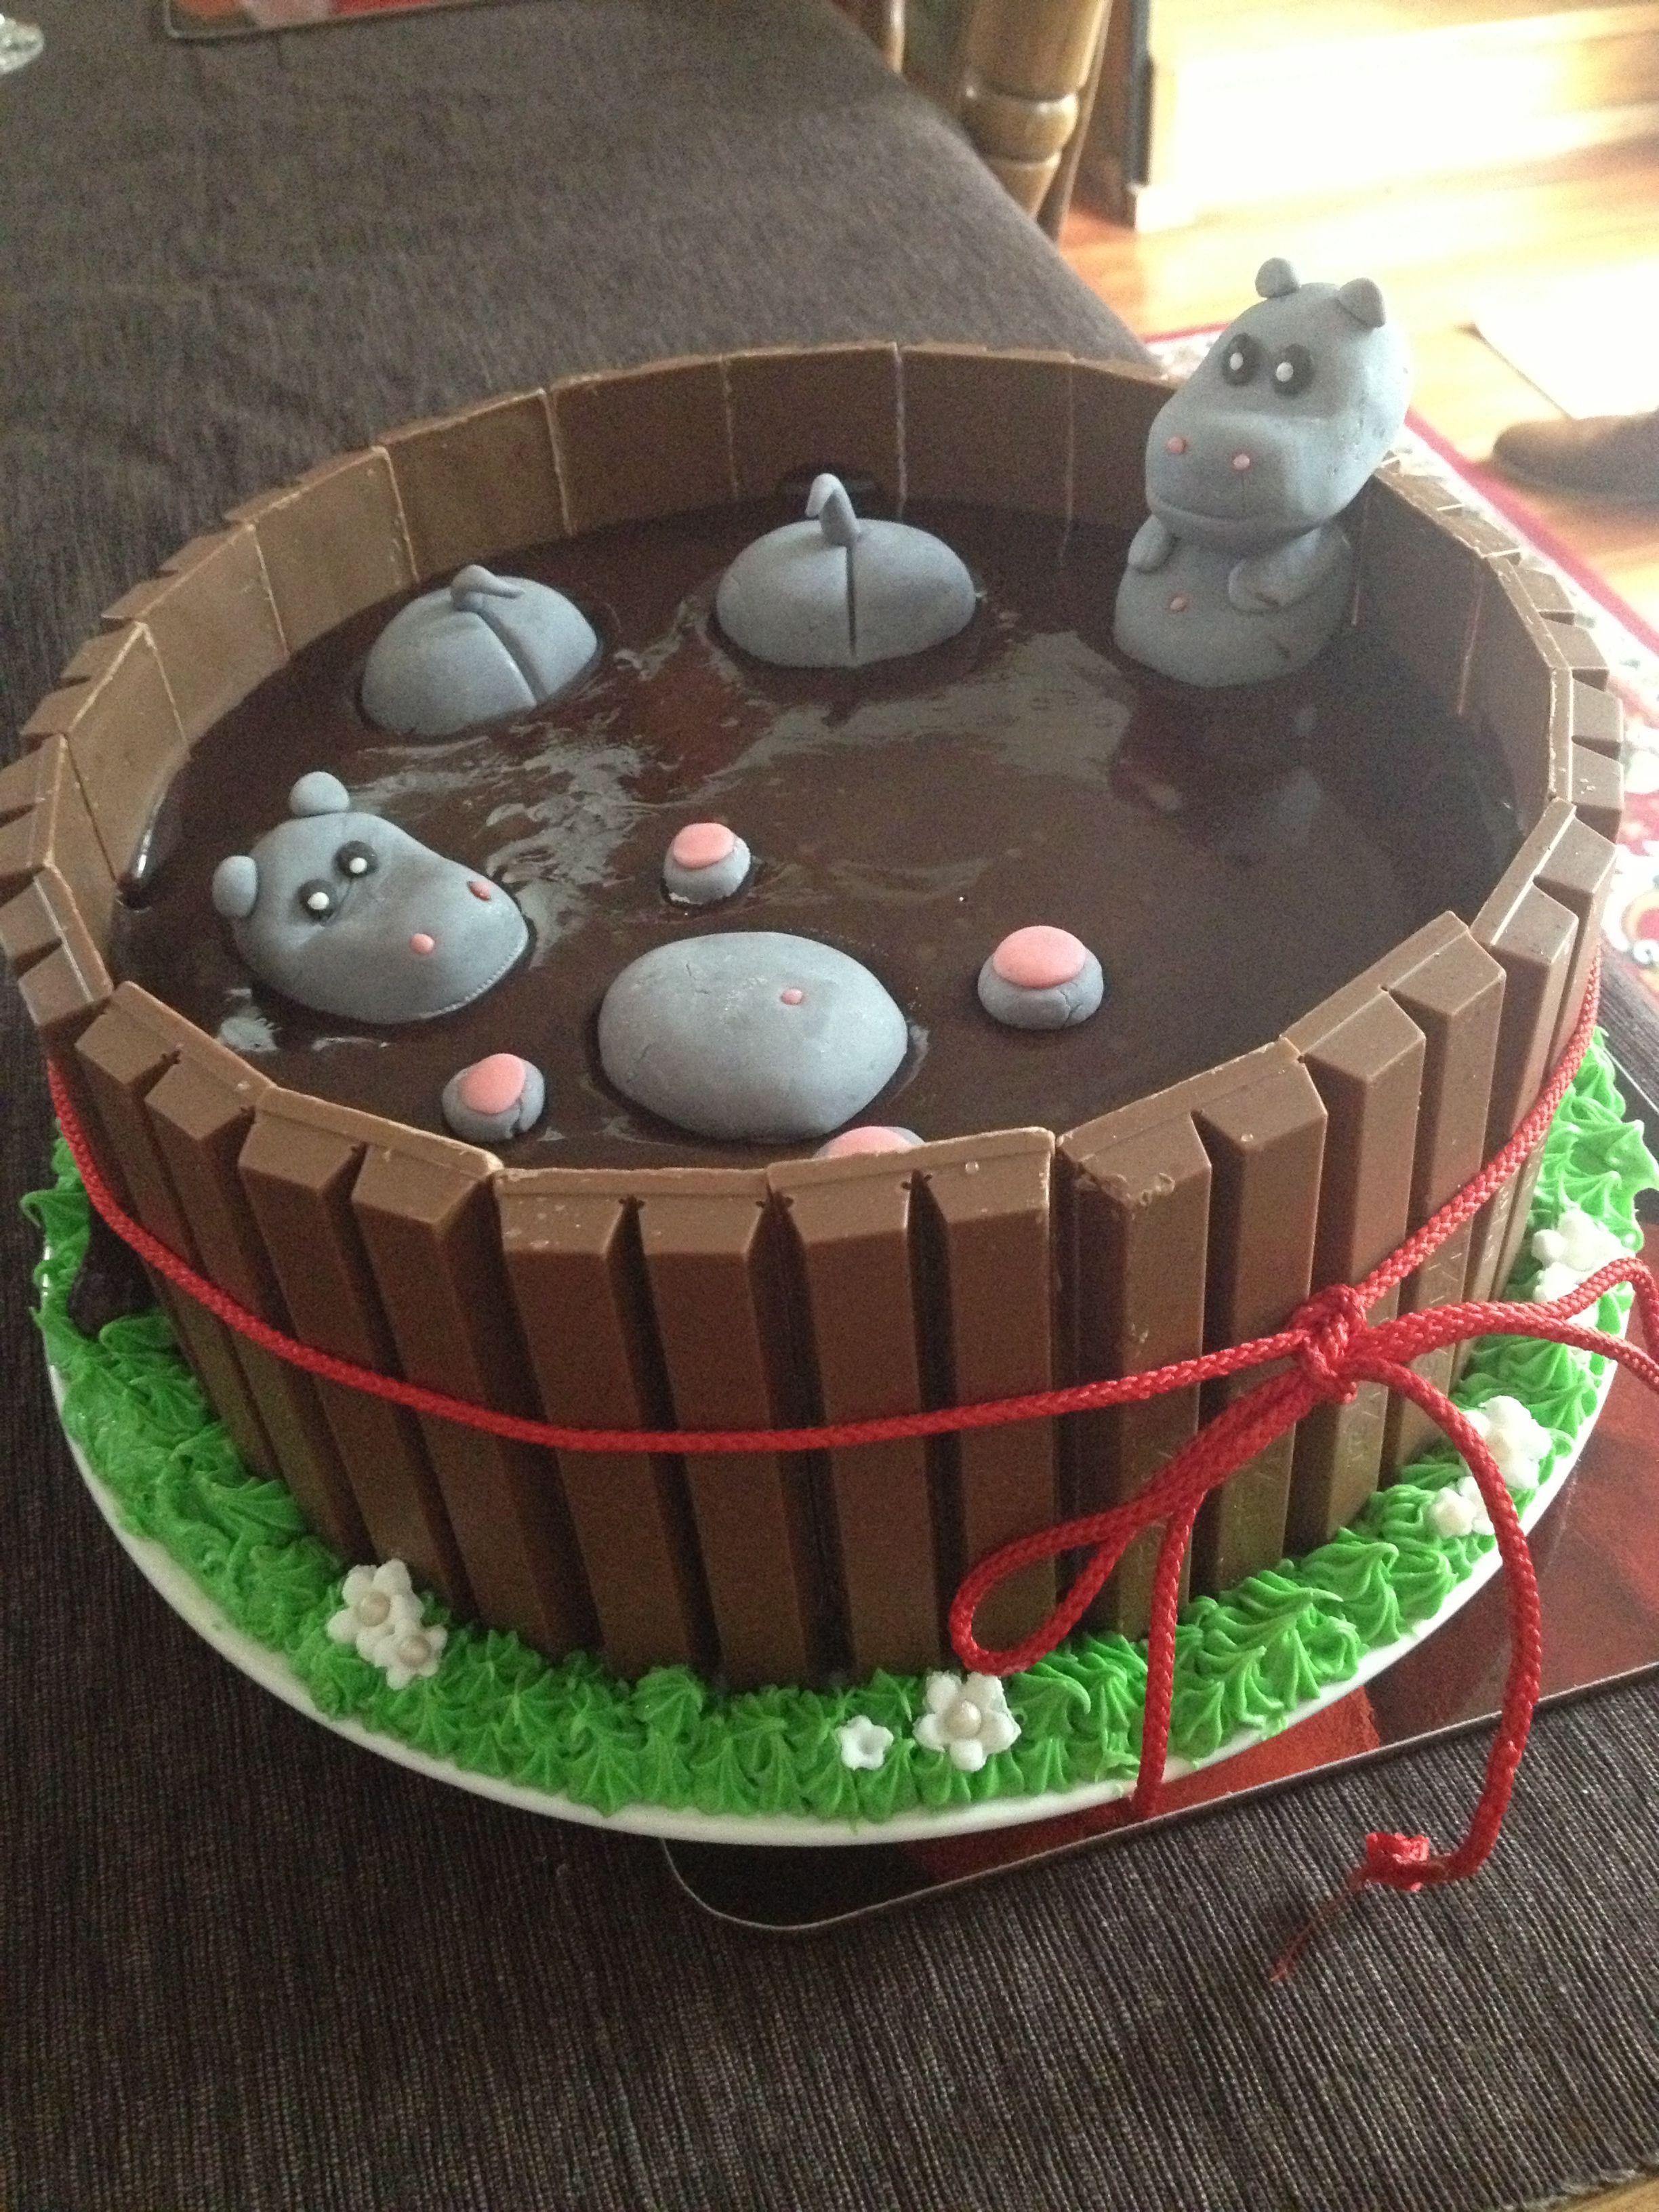 My Take On Pig In Mud Cake Hippos In Mudinking Of Making This As